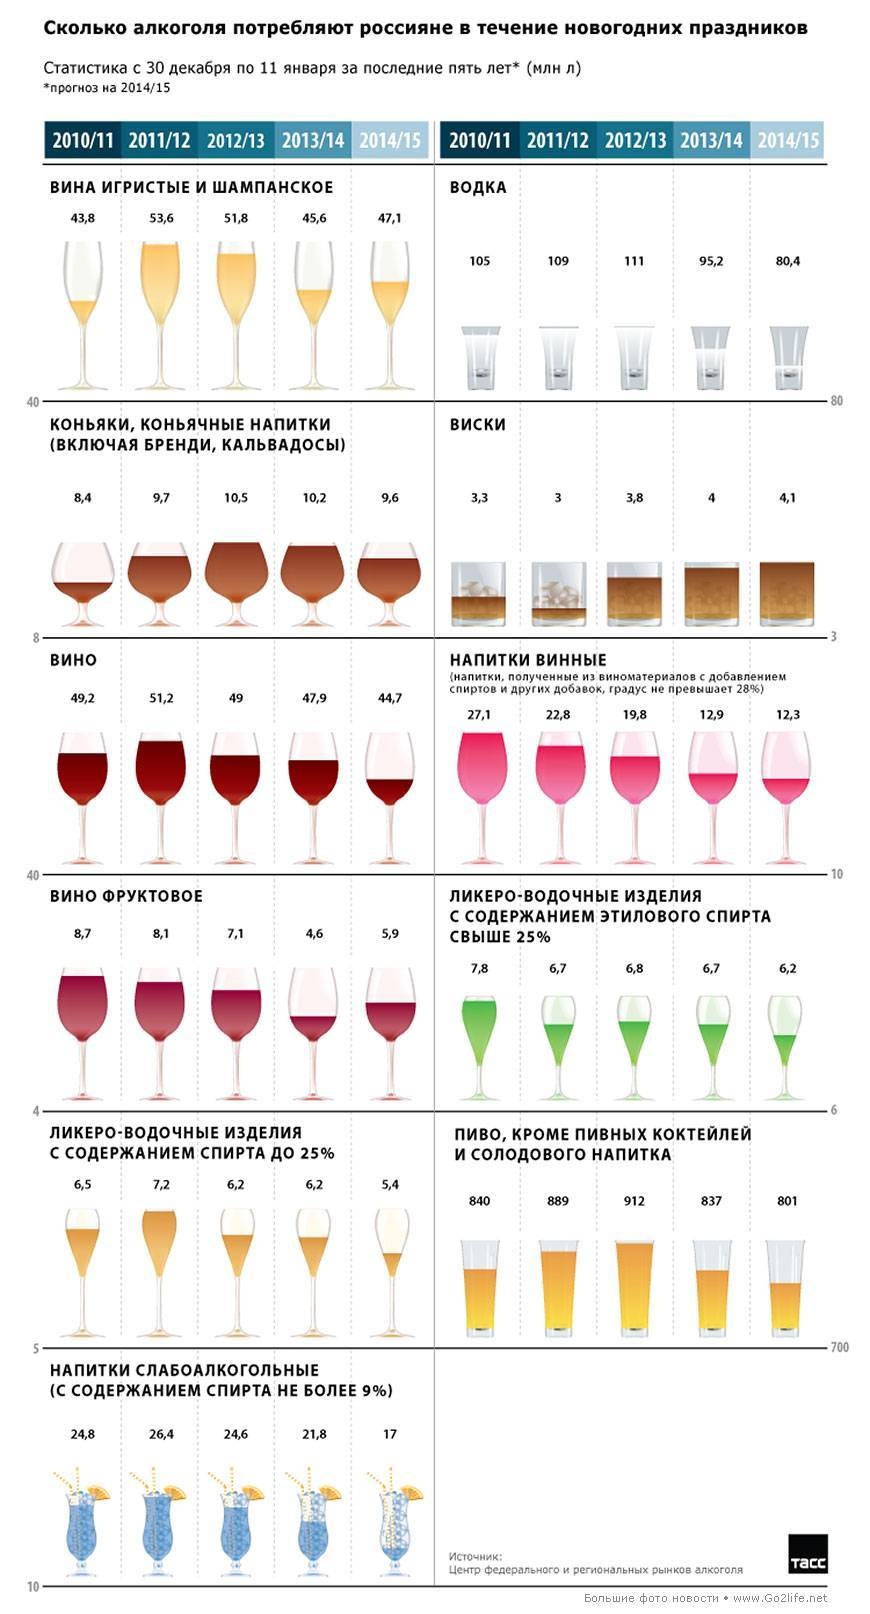 Как узнать крепость настойки, наливки (ликера): общие принципы приготовления и спиртование домашнего напитка, формулы расчёта